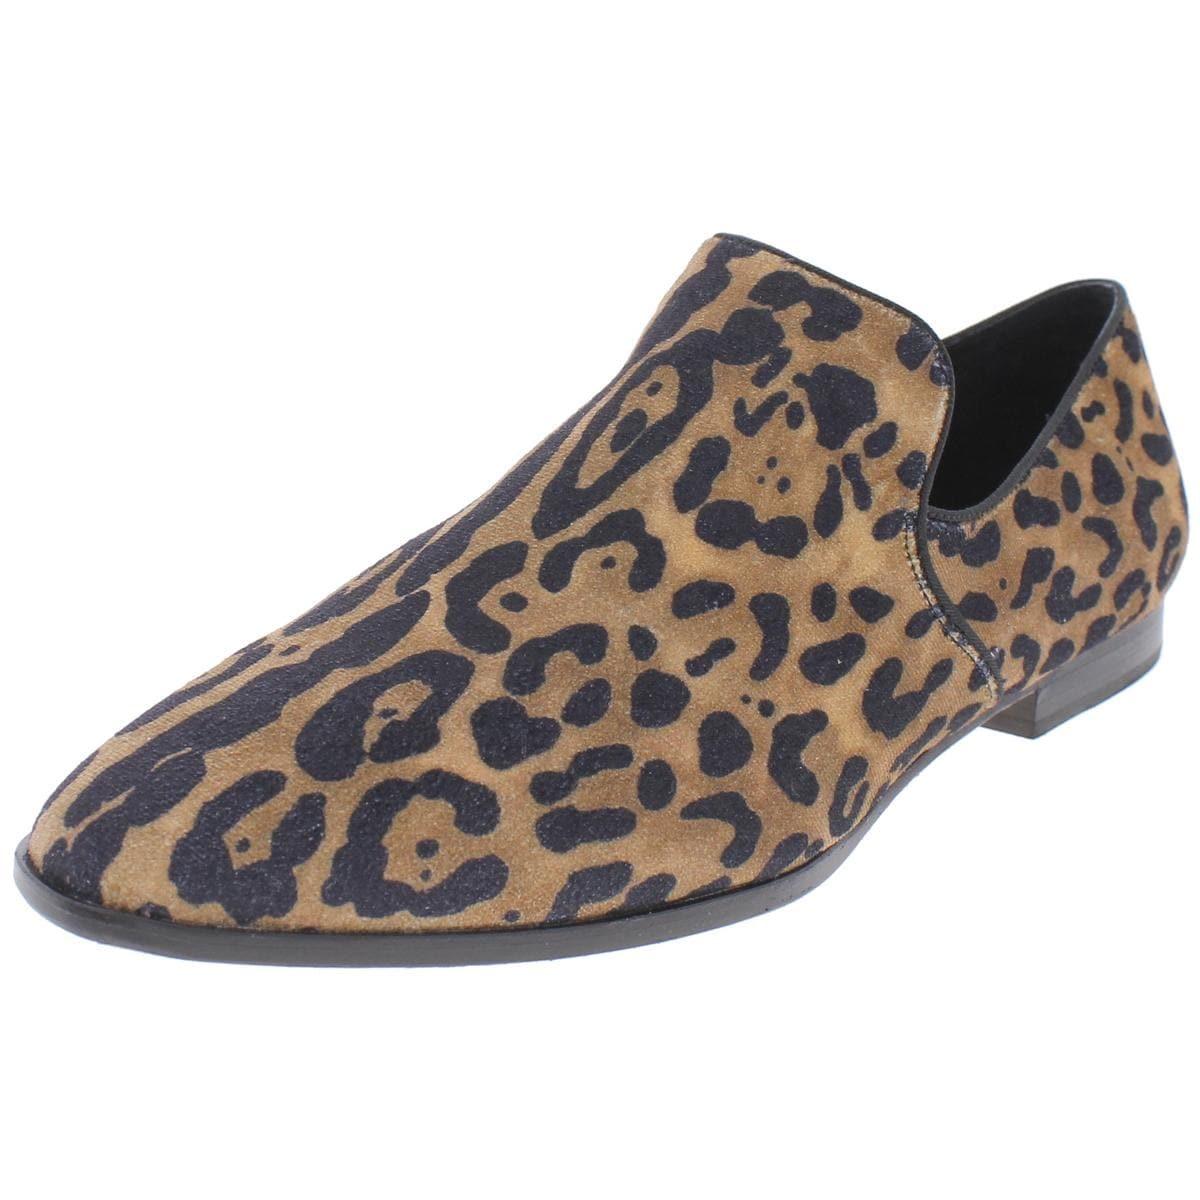 efeda294f54 Shop Steven By Steve Madden Womens Adrianna Smoking Loafers Velvet Slip On  - Free Shipping On Orders Over  45 - Overstock - 21457928